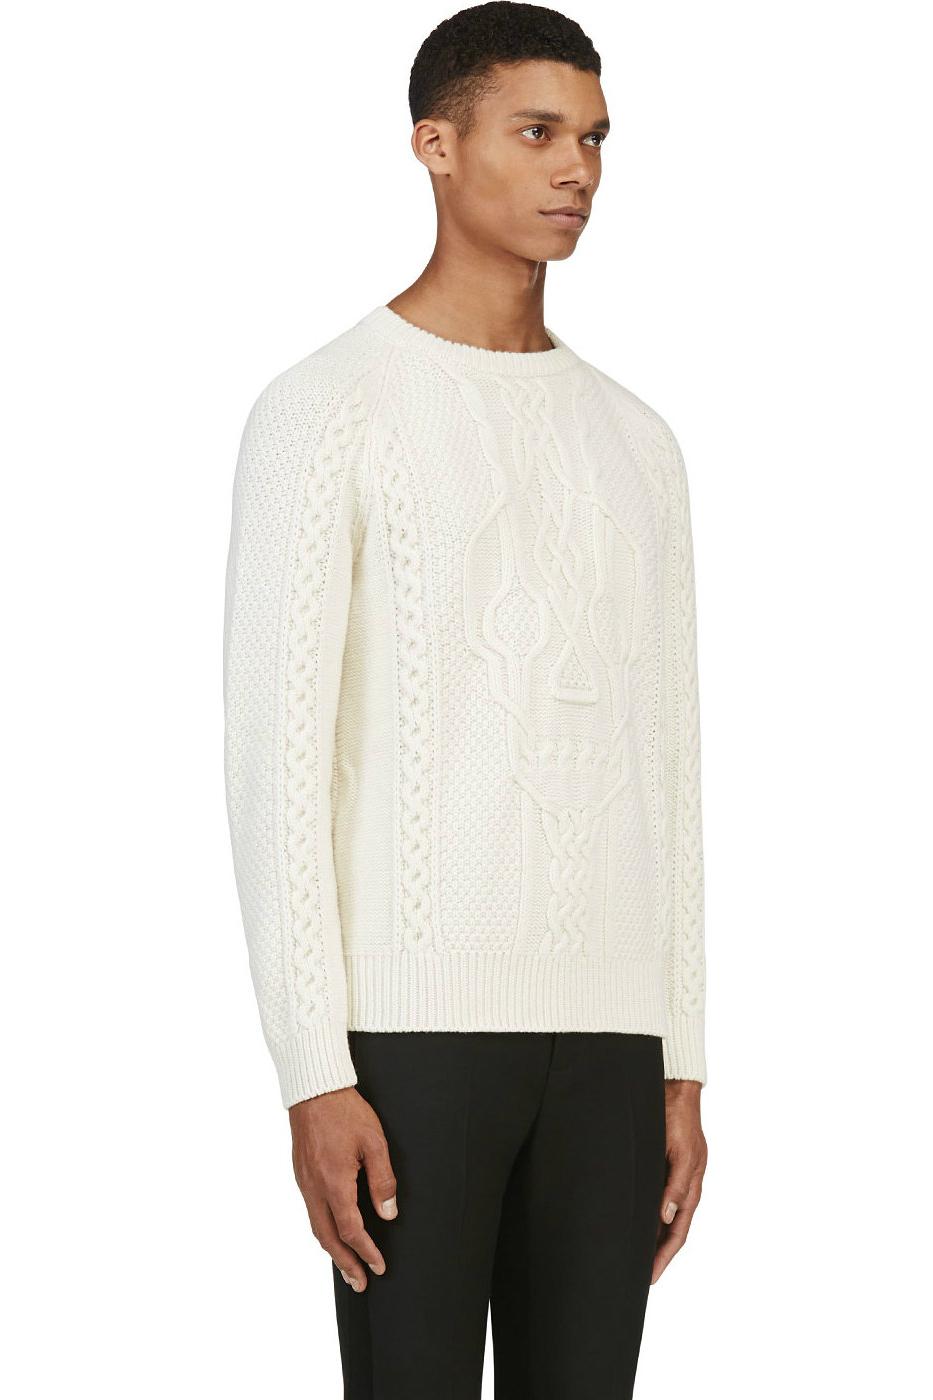 Белый мужской вязаный свитер с витым орнаментом и черепом, Alexander McQueen